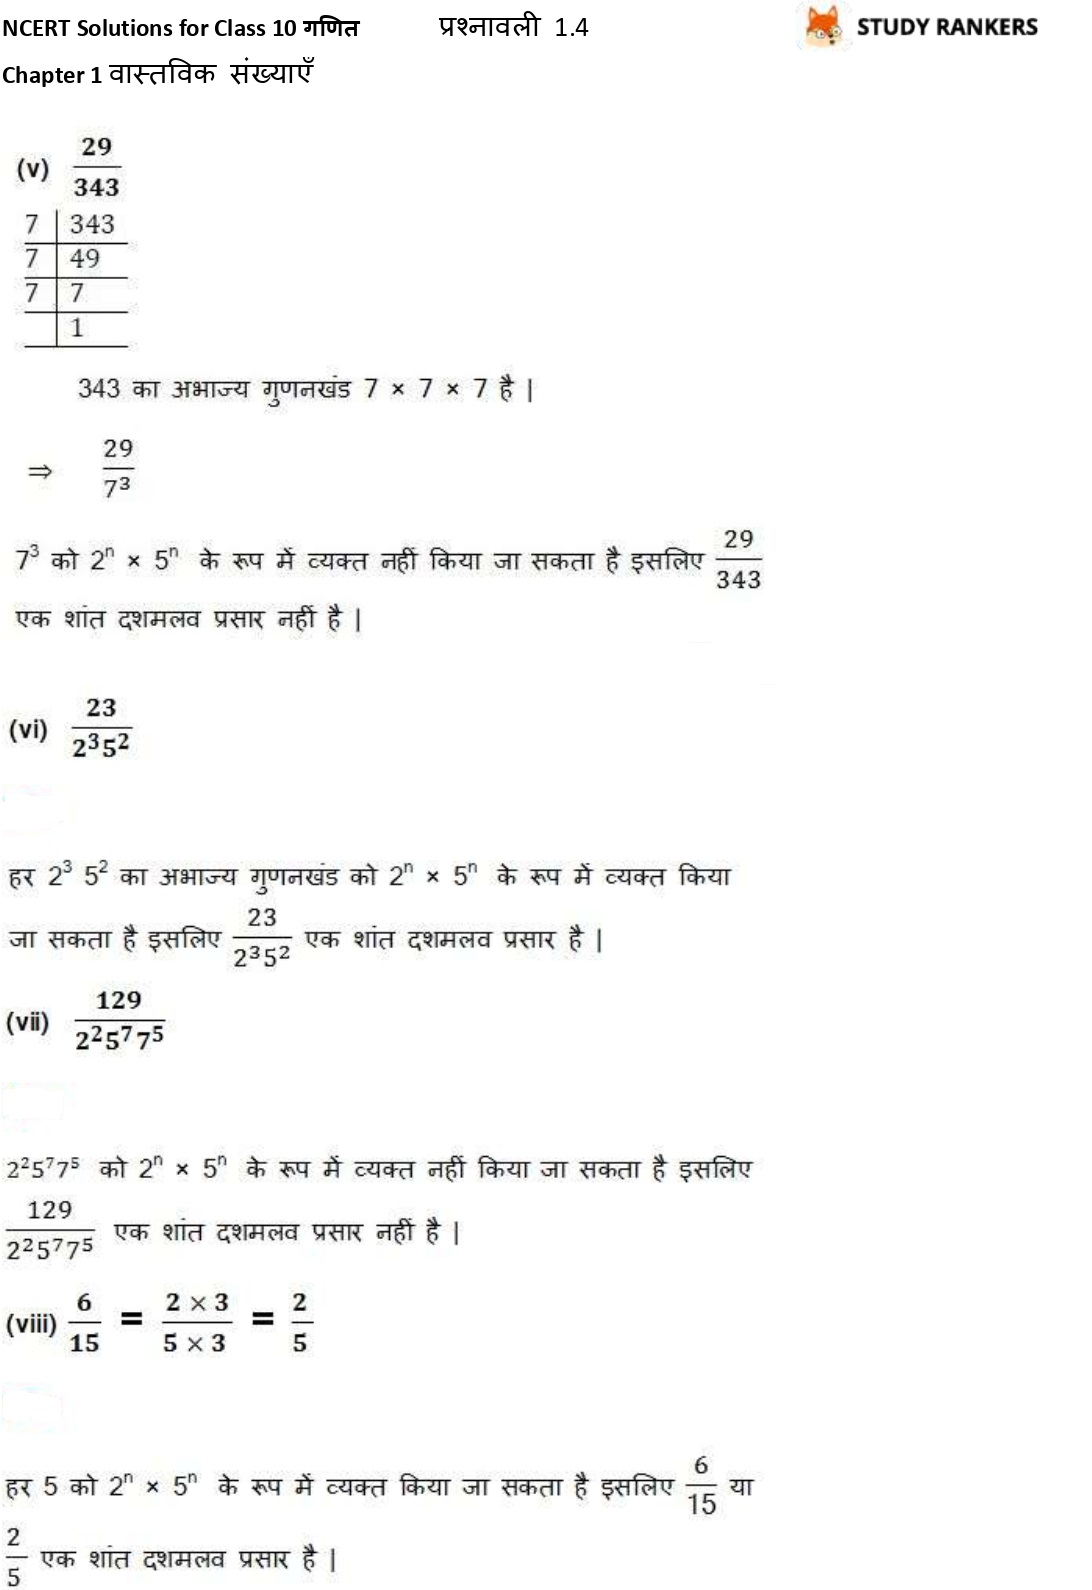 NCERT Solutions for Class 10 Maths Chapter 1 वास्तविक संख्याएँ प्रश्नावली 1.4 Part 2